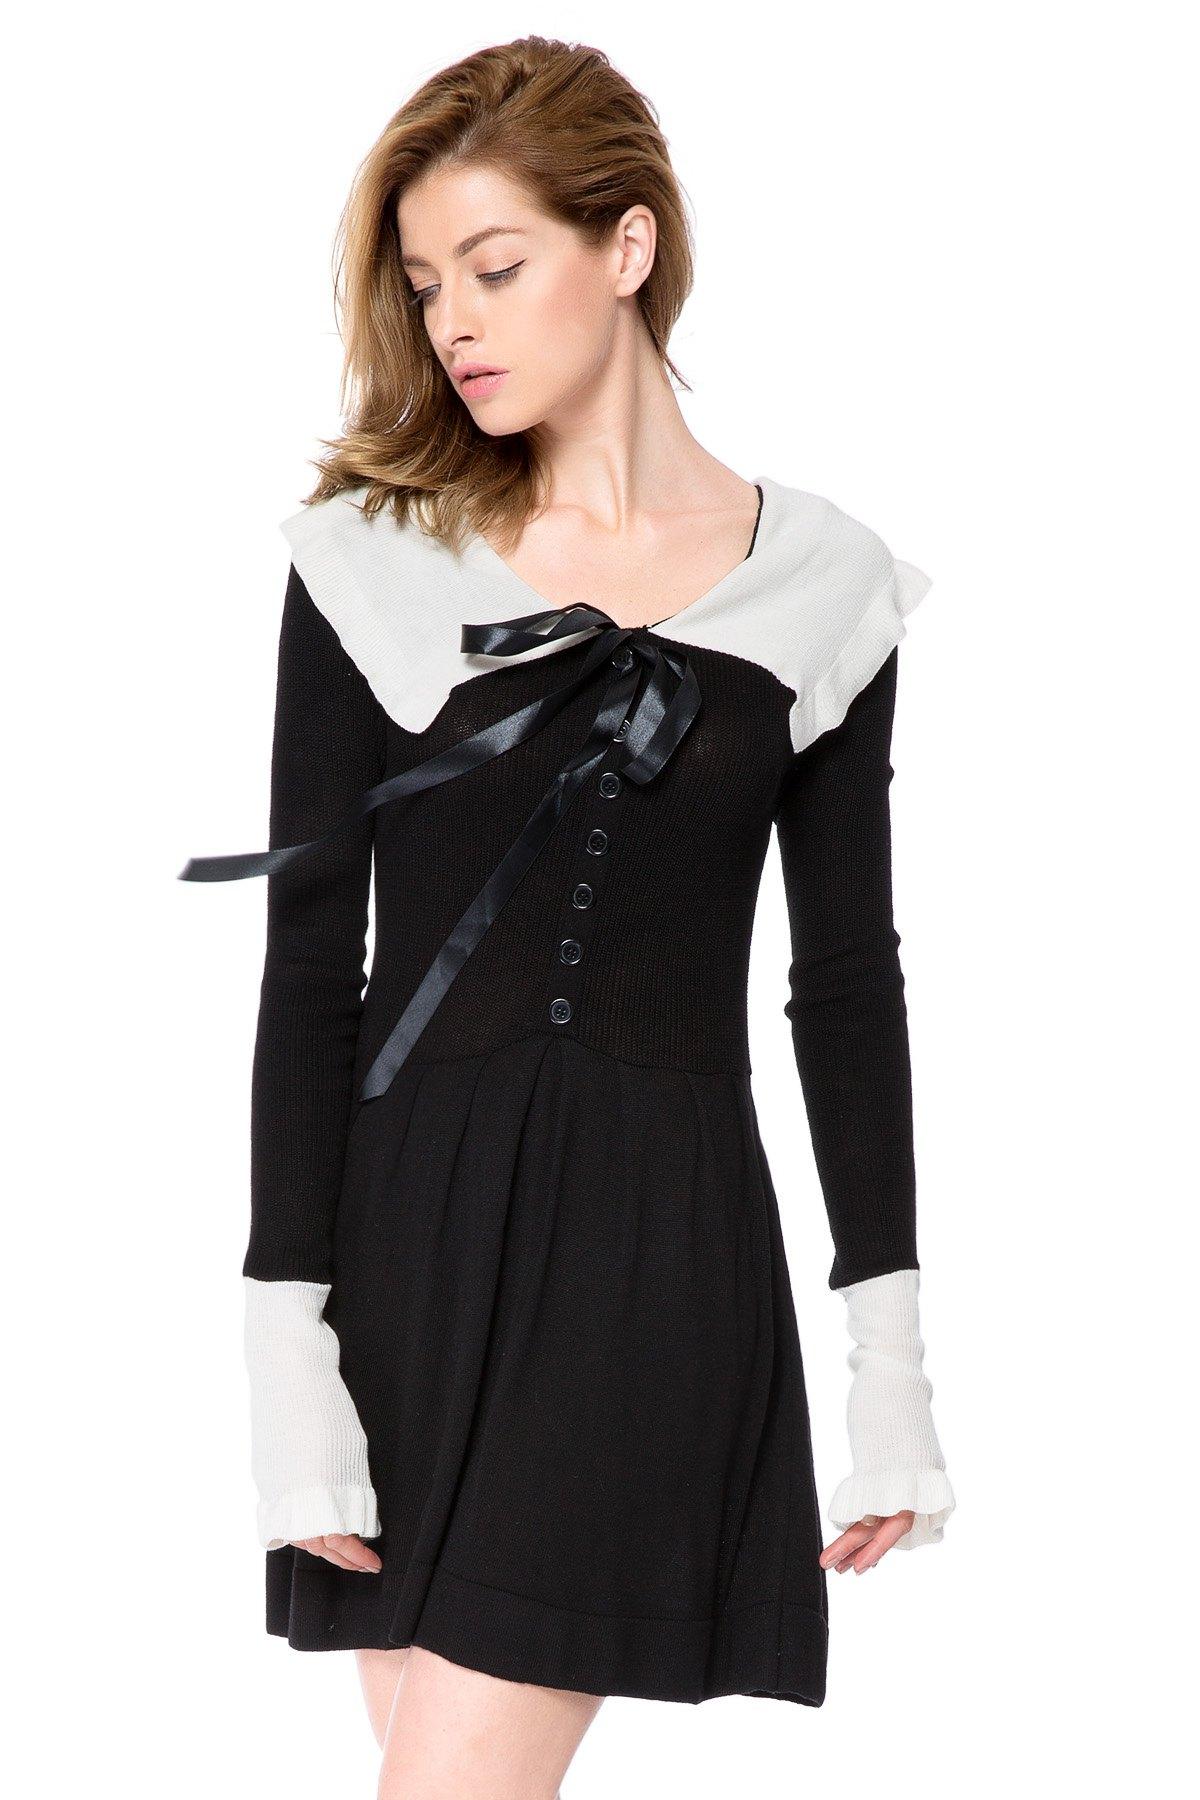 Peter Pan Collar Long Sleeve Color Block Sweater Dress